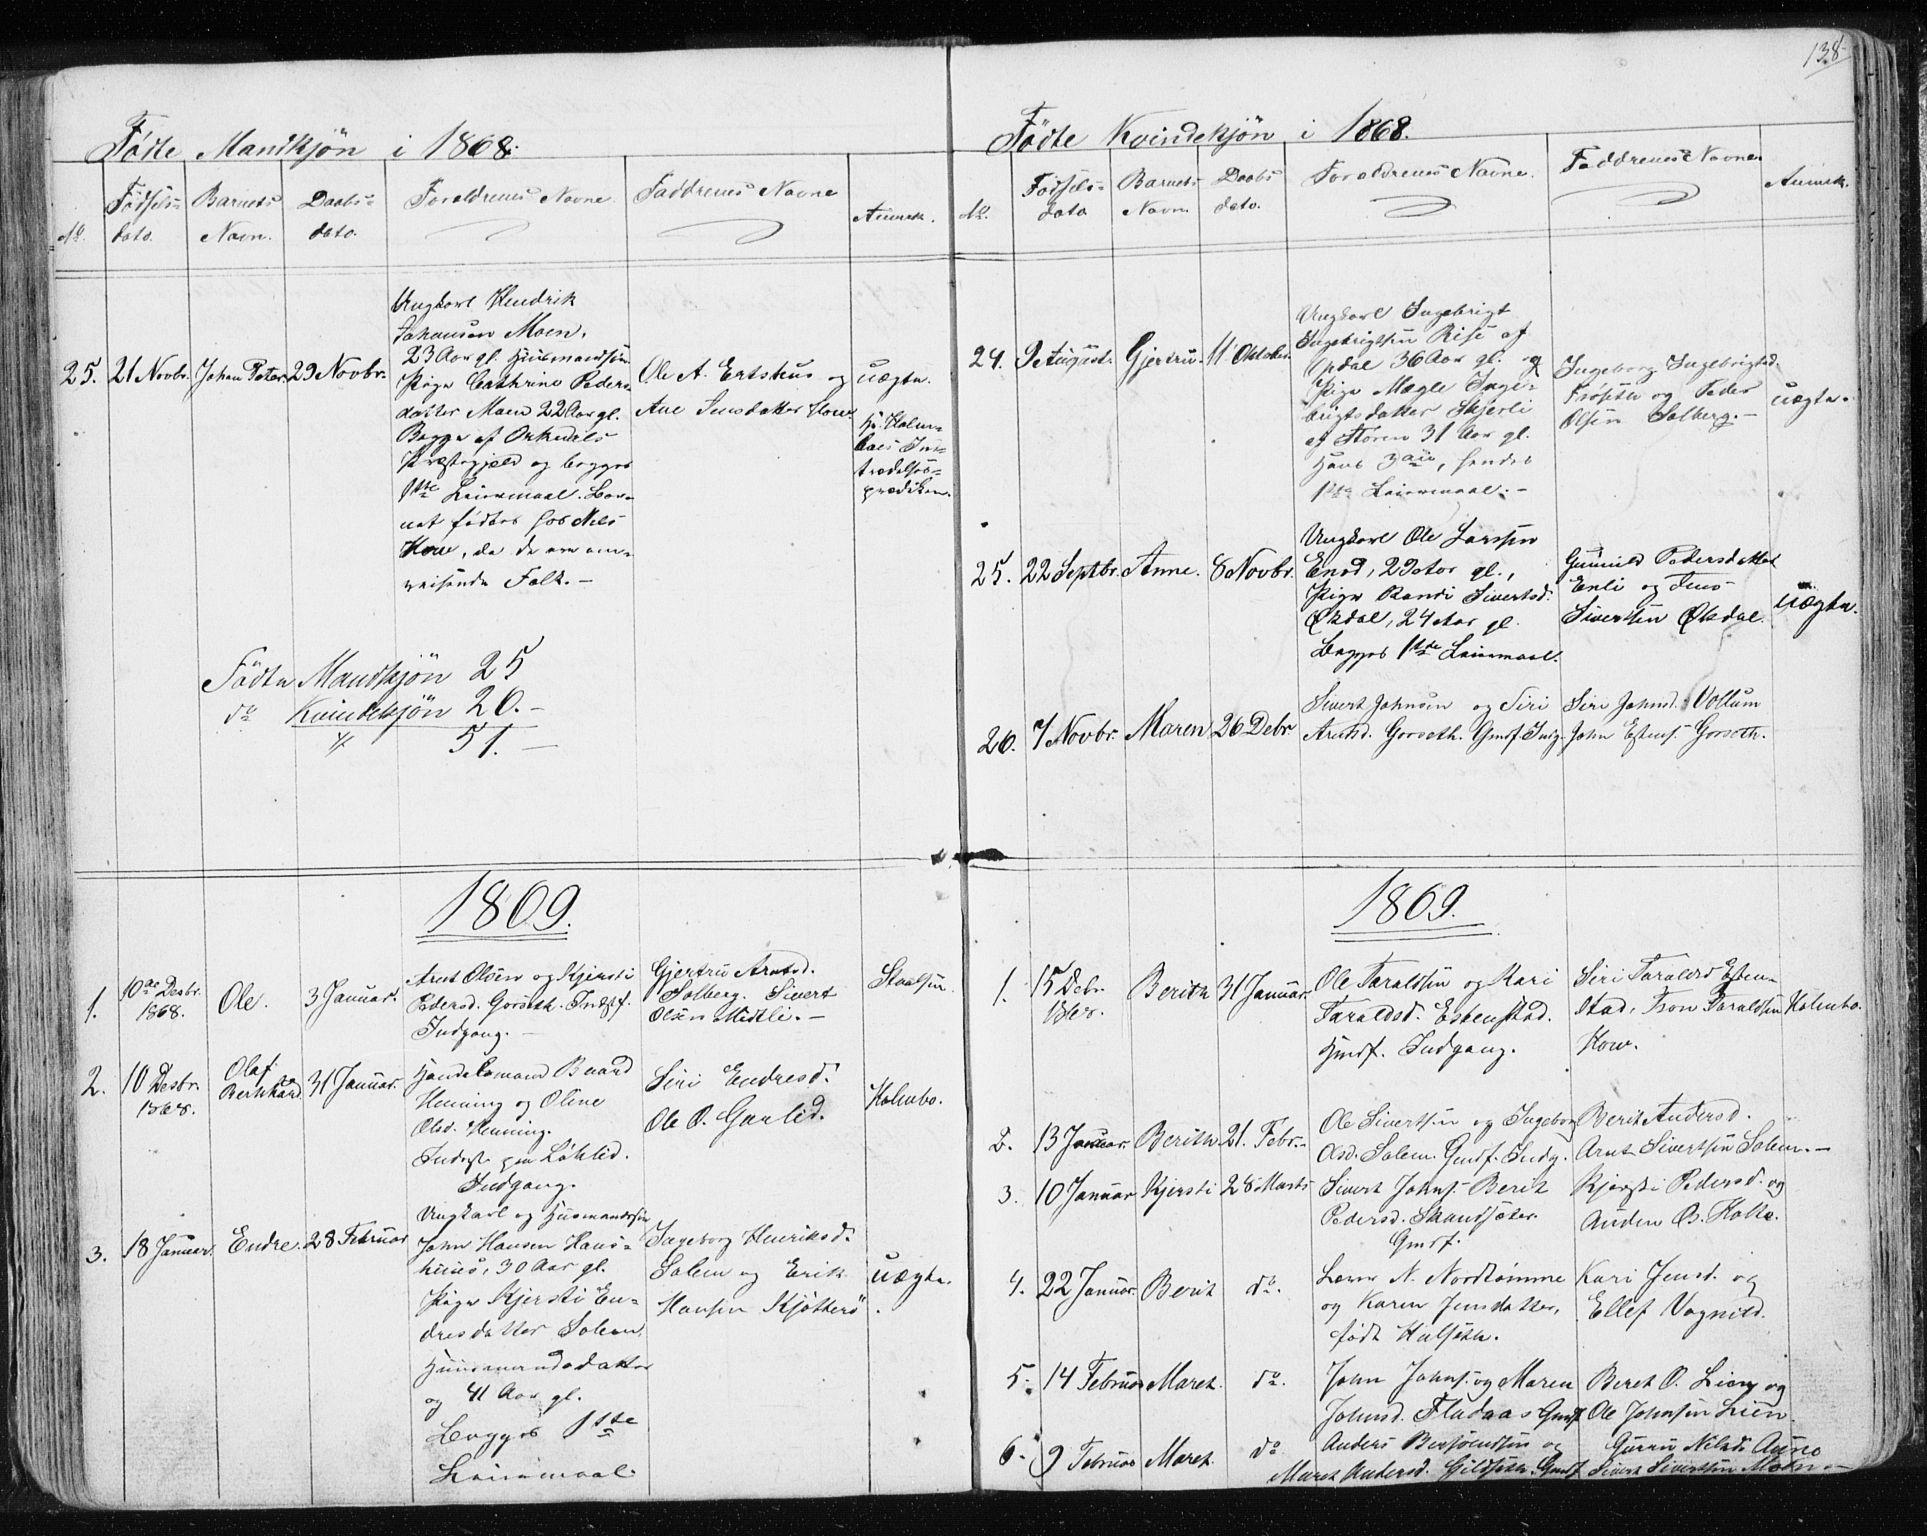 SAT, Ministerialprotokoller, klokkerbøker og fødselsregistre - Sør-Trøndelag, 689/L1043: Klokkerbok nr. 689C02, 1816-1892, s. 138